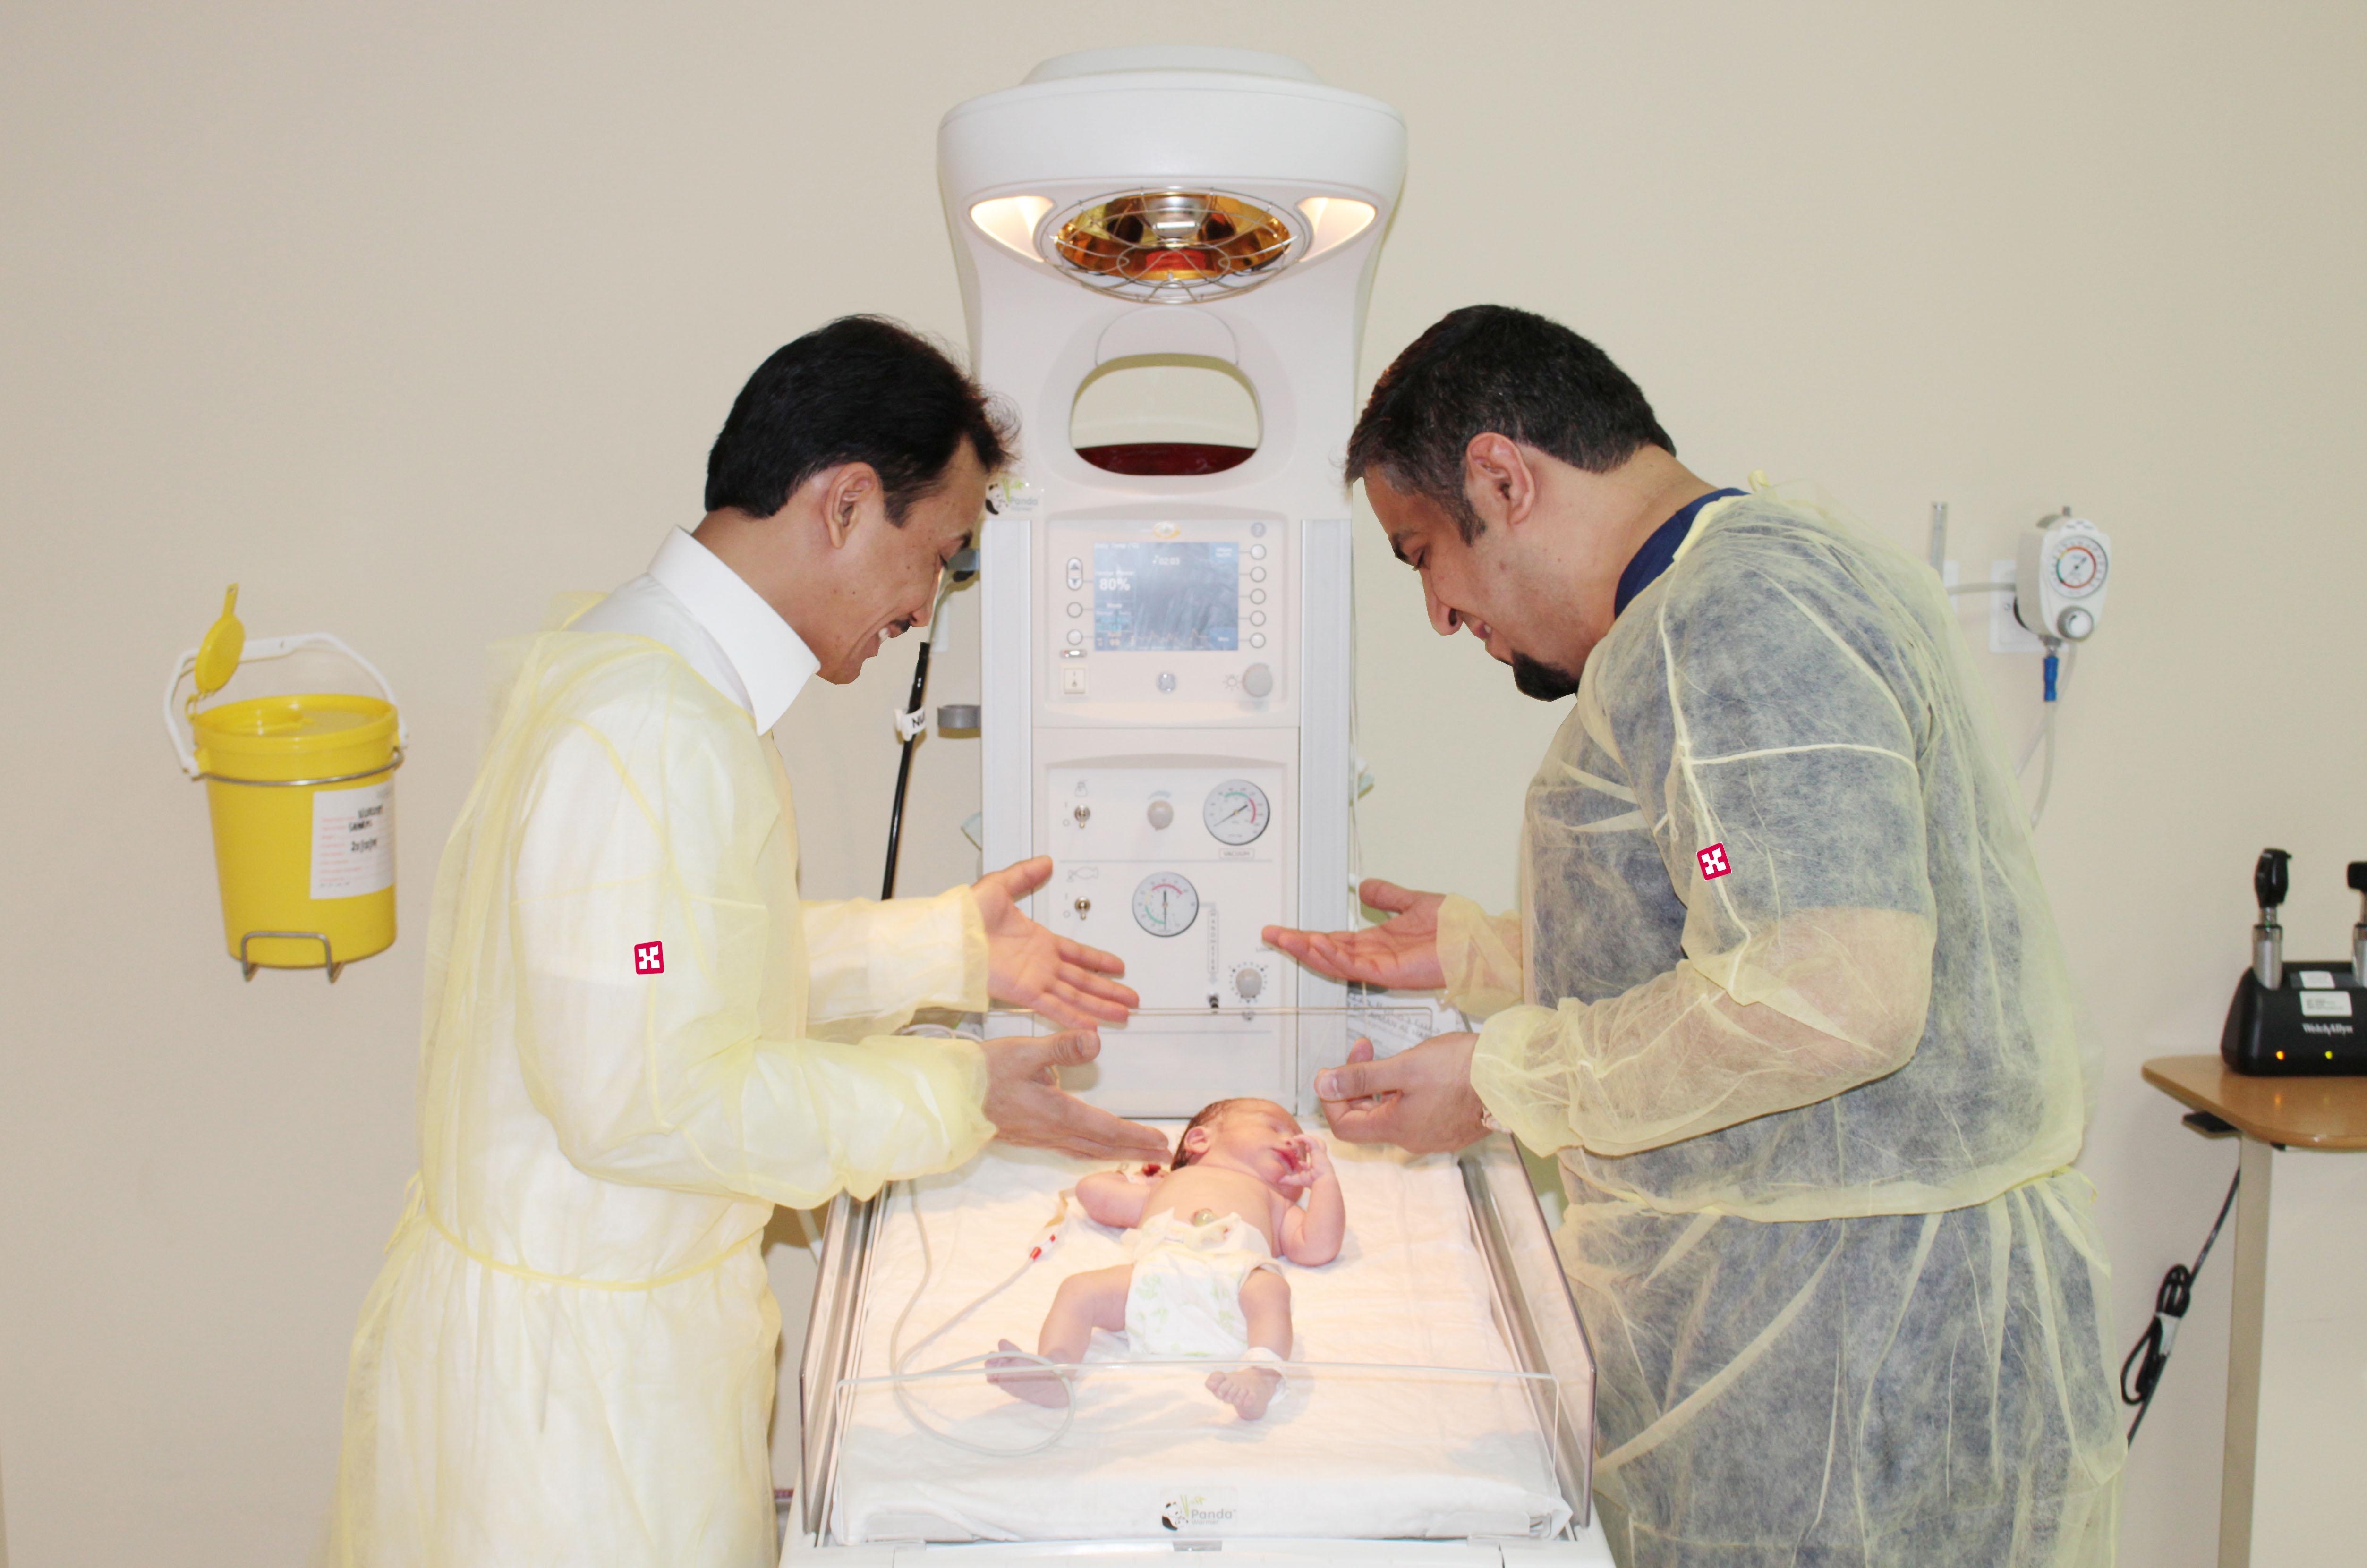 مواطن يستقبل مولوده الأول في مستشفى د سليمان الحبيب